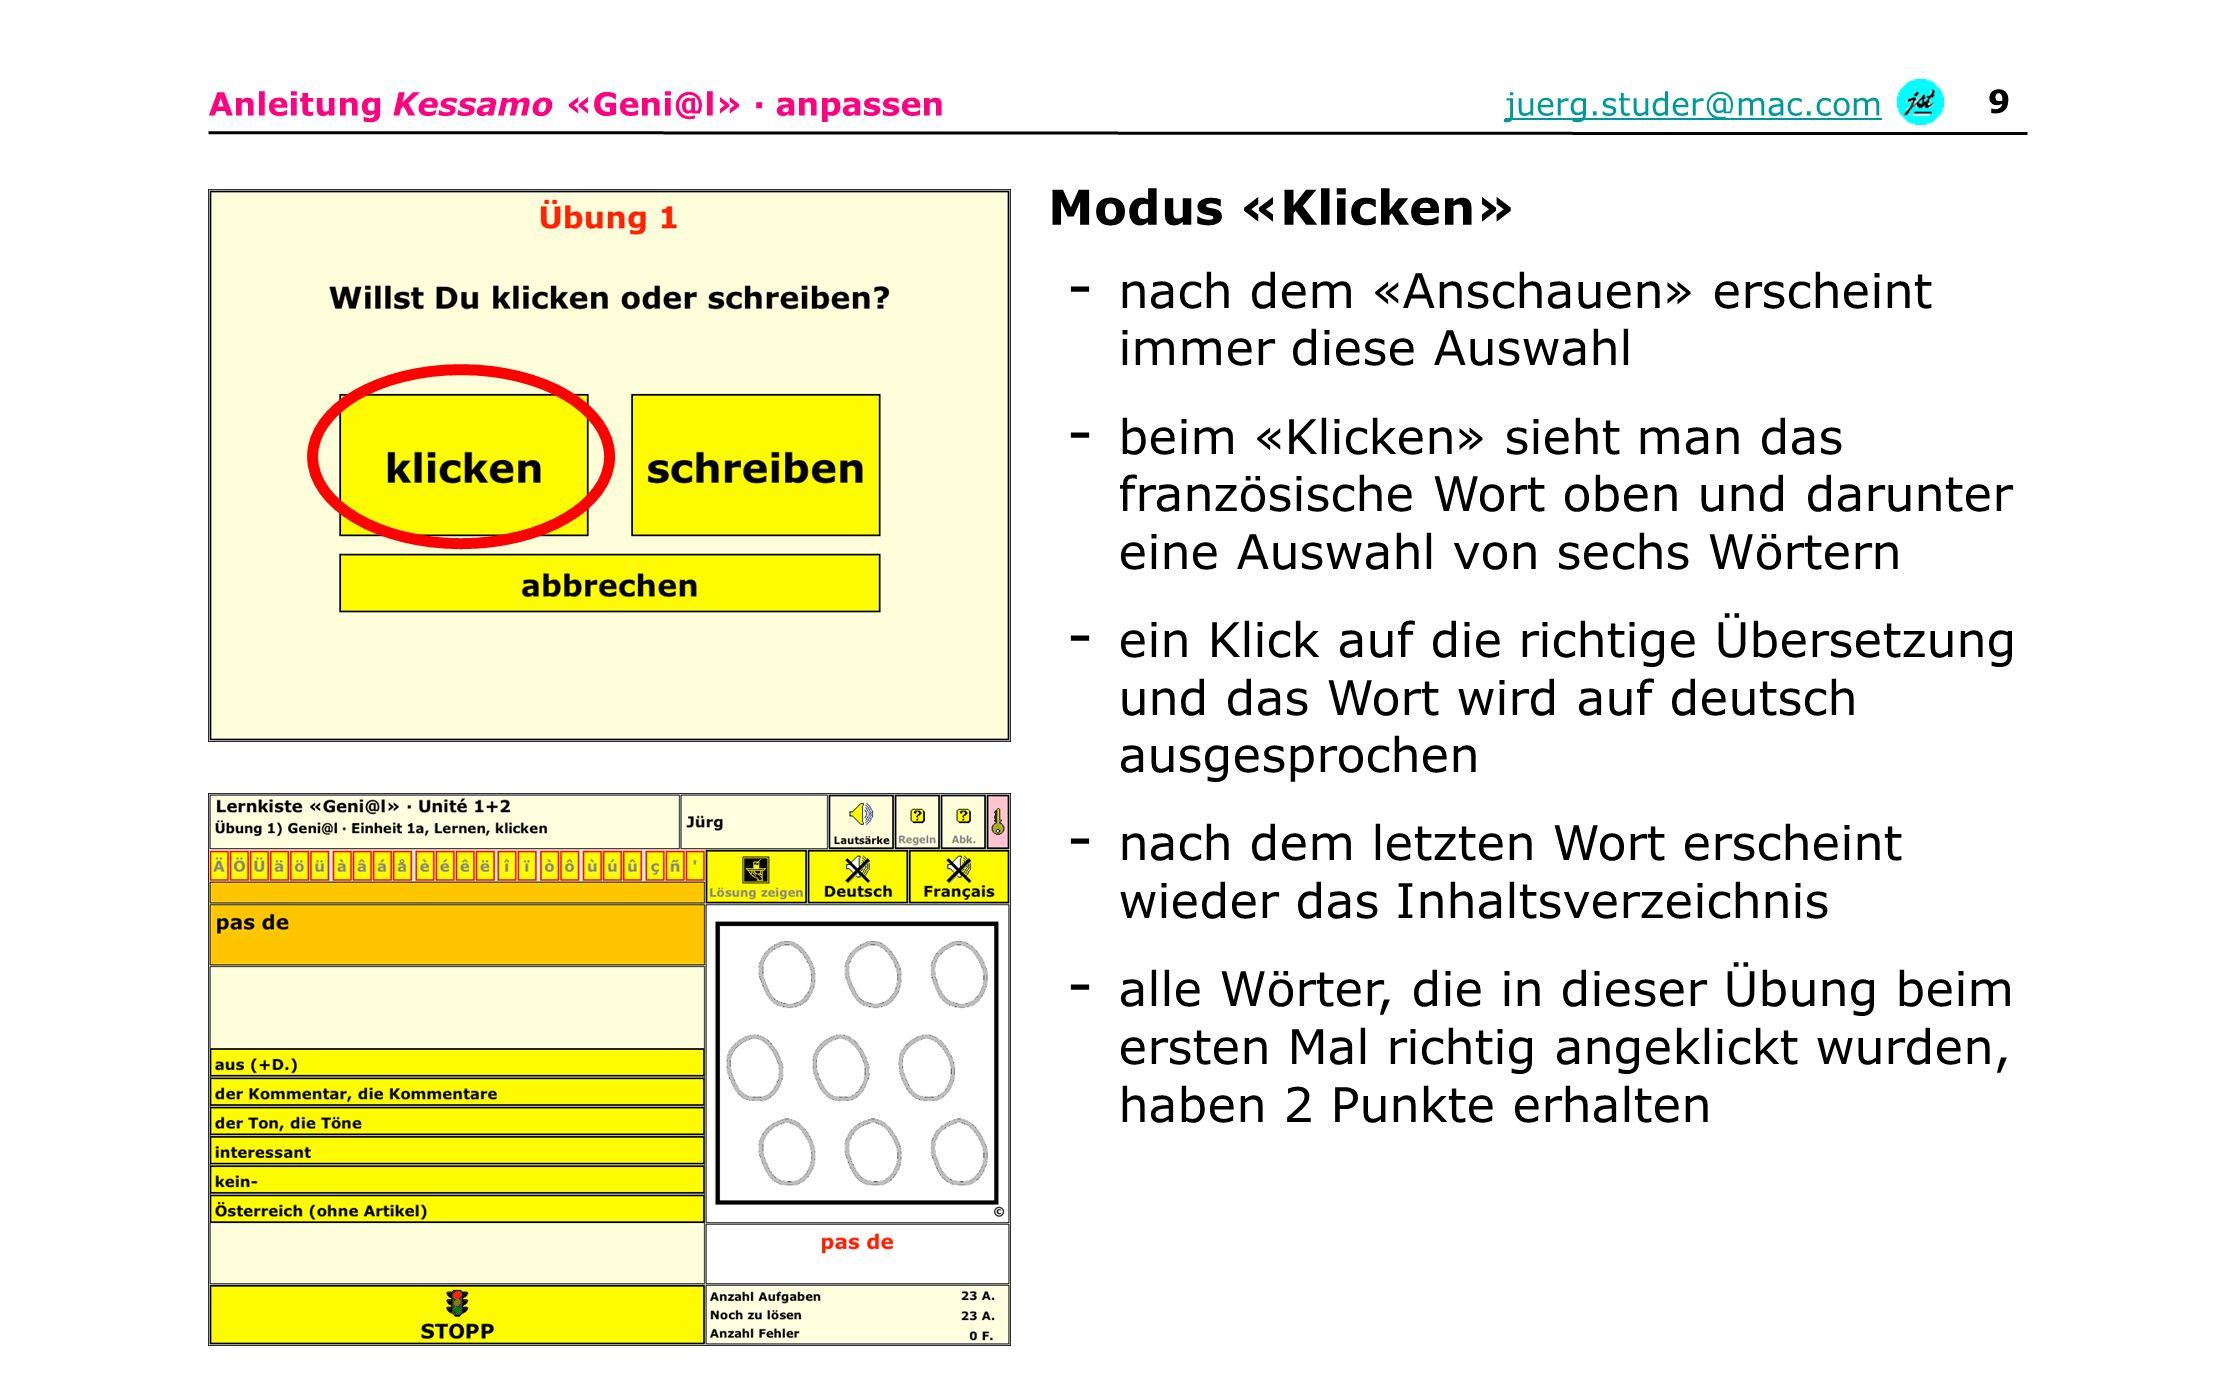 Anleitung Kessamo «Geni@l» · anpassenjuerg.studer@mac.com 9 - nach dem «Anschauen» erscheint immer diese Auswahl - beim «Klicken» sieht man das franzö